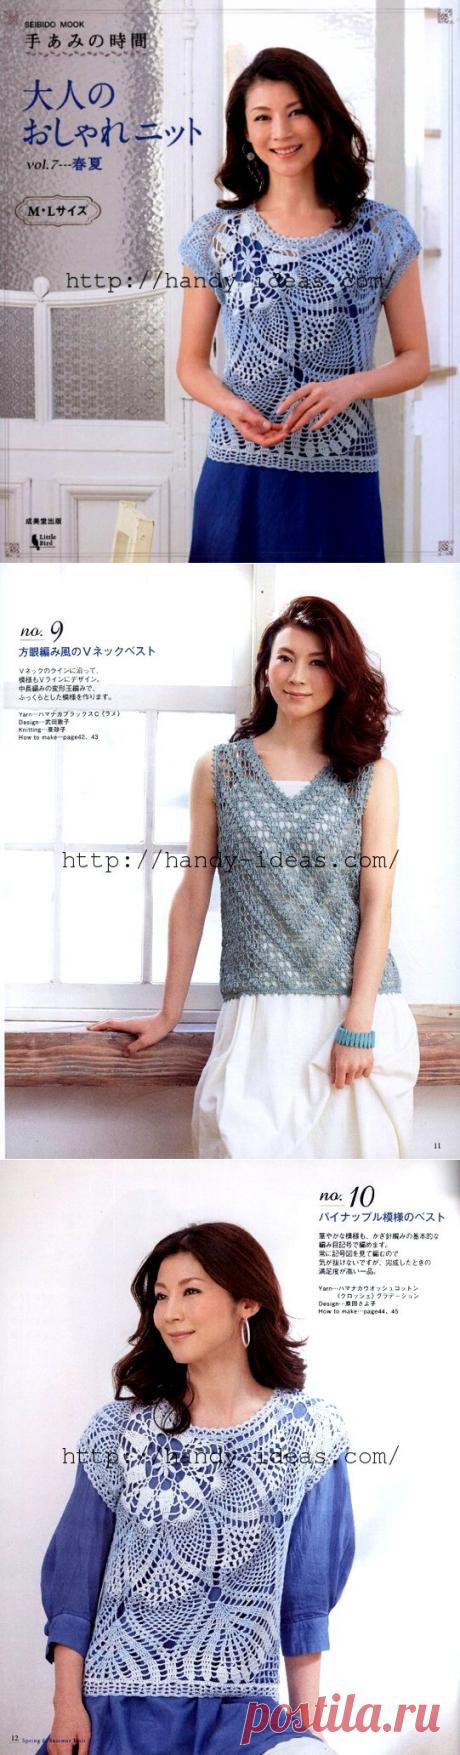 Японский журнал женских моделей со схемами. Вязание крючком